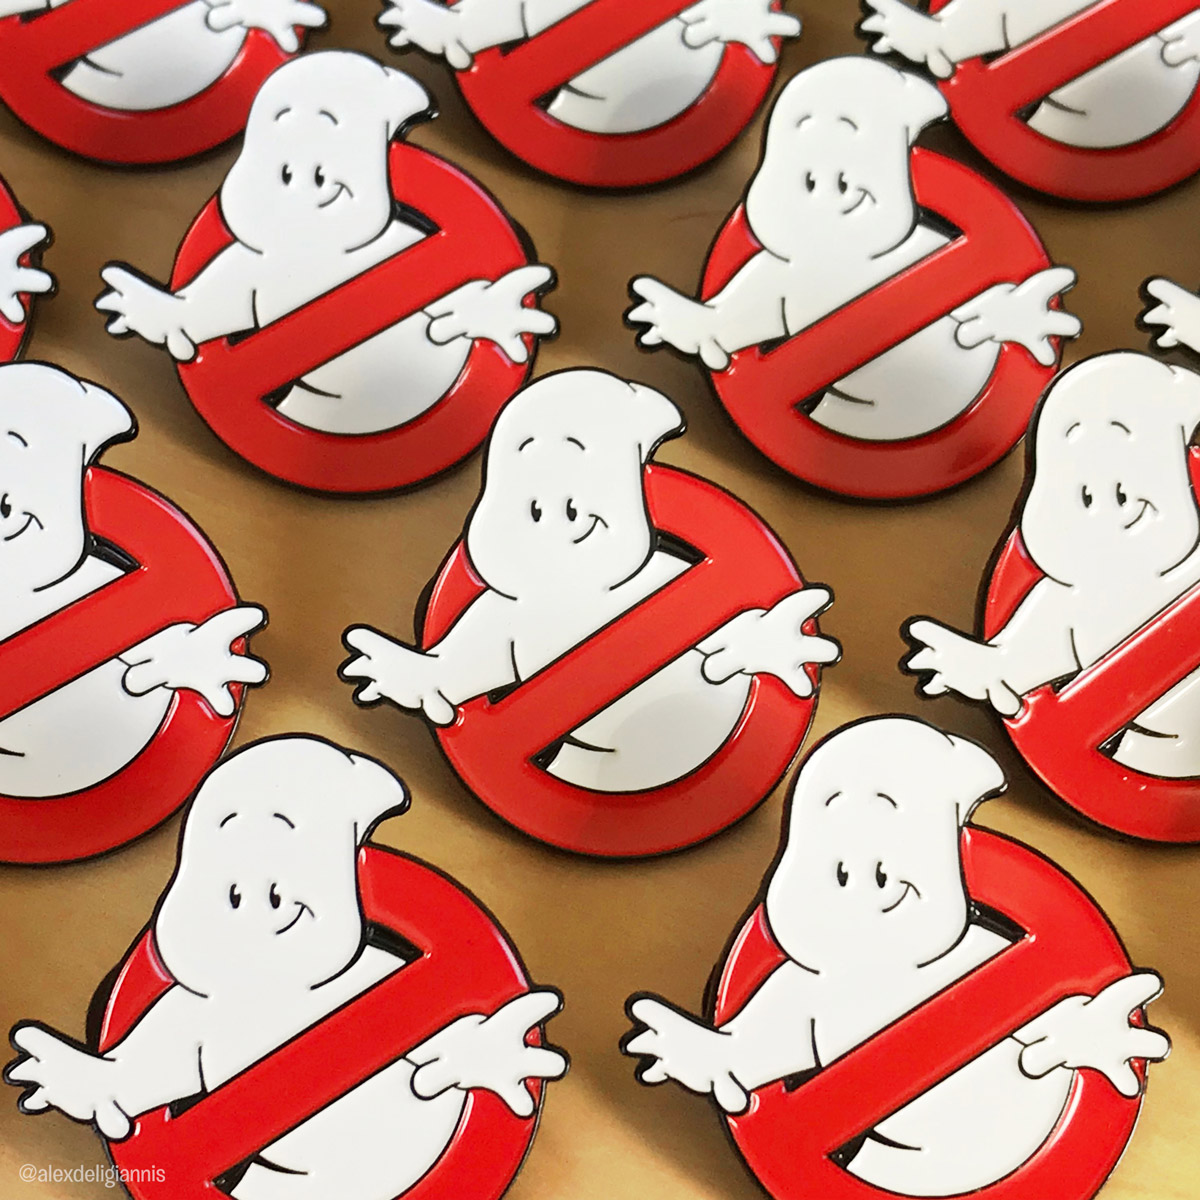 deligiannis-pin-ghostbusters.jpg